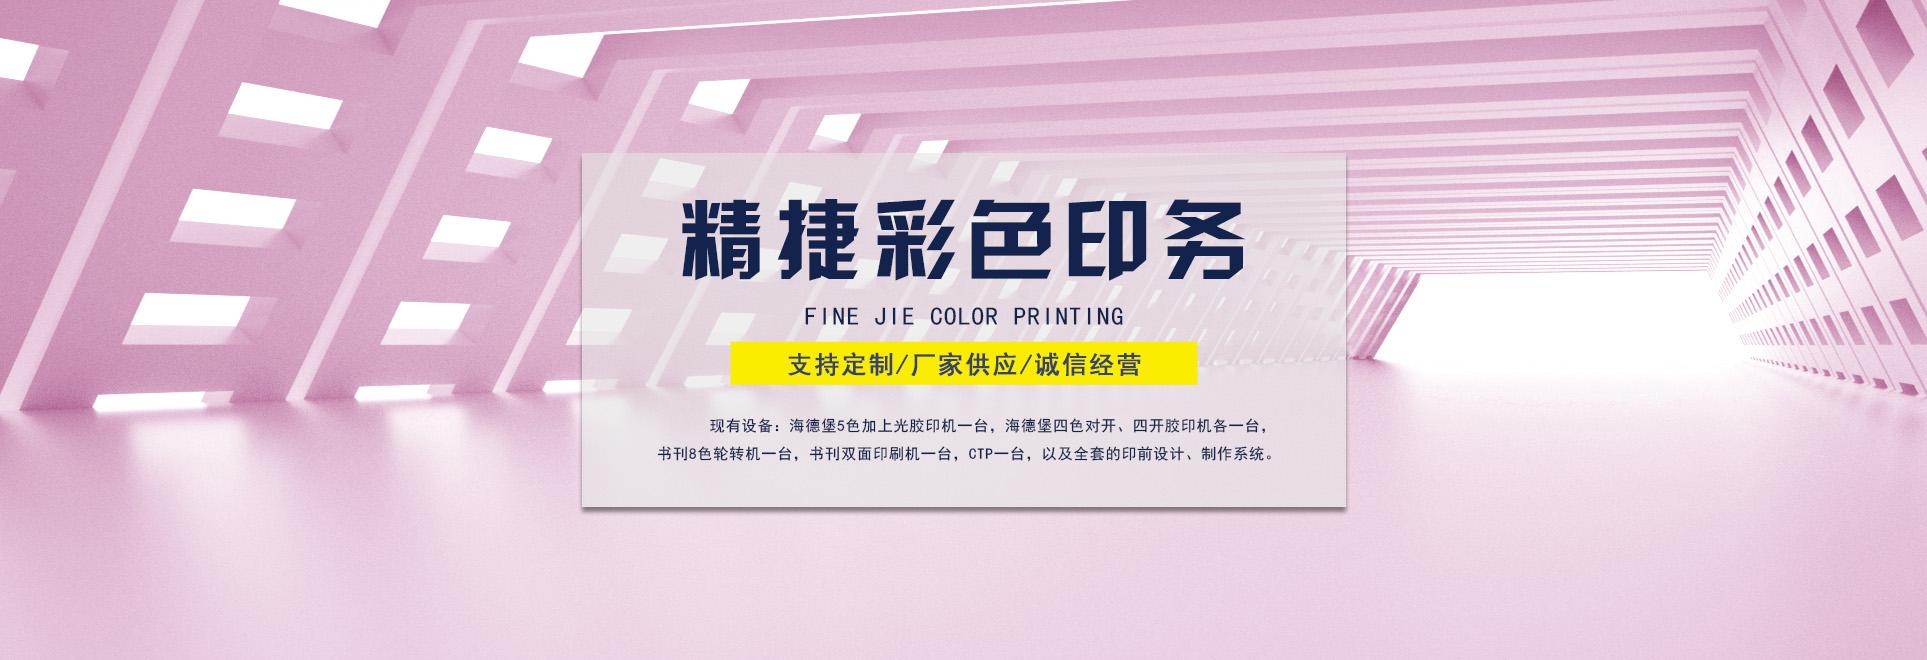 宁夏商务印刷